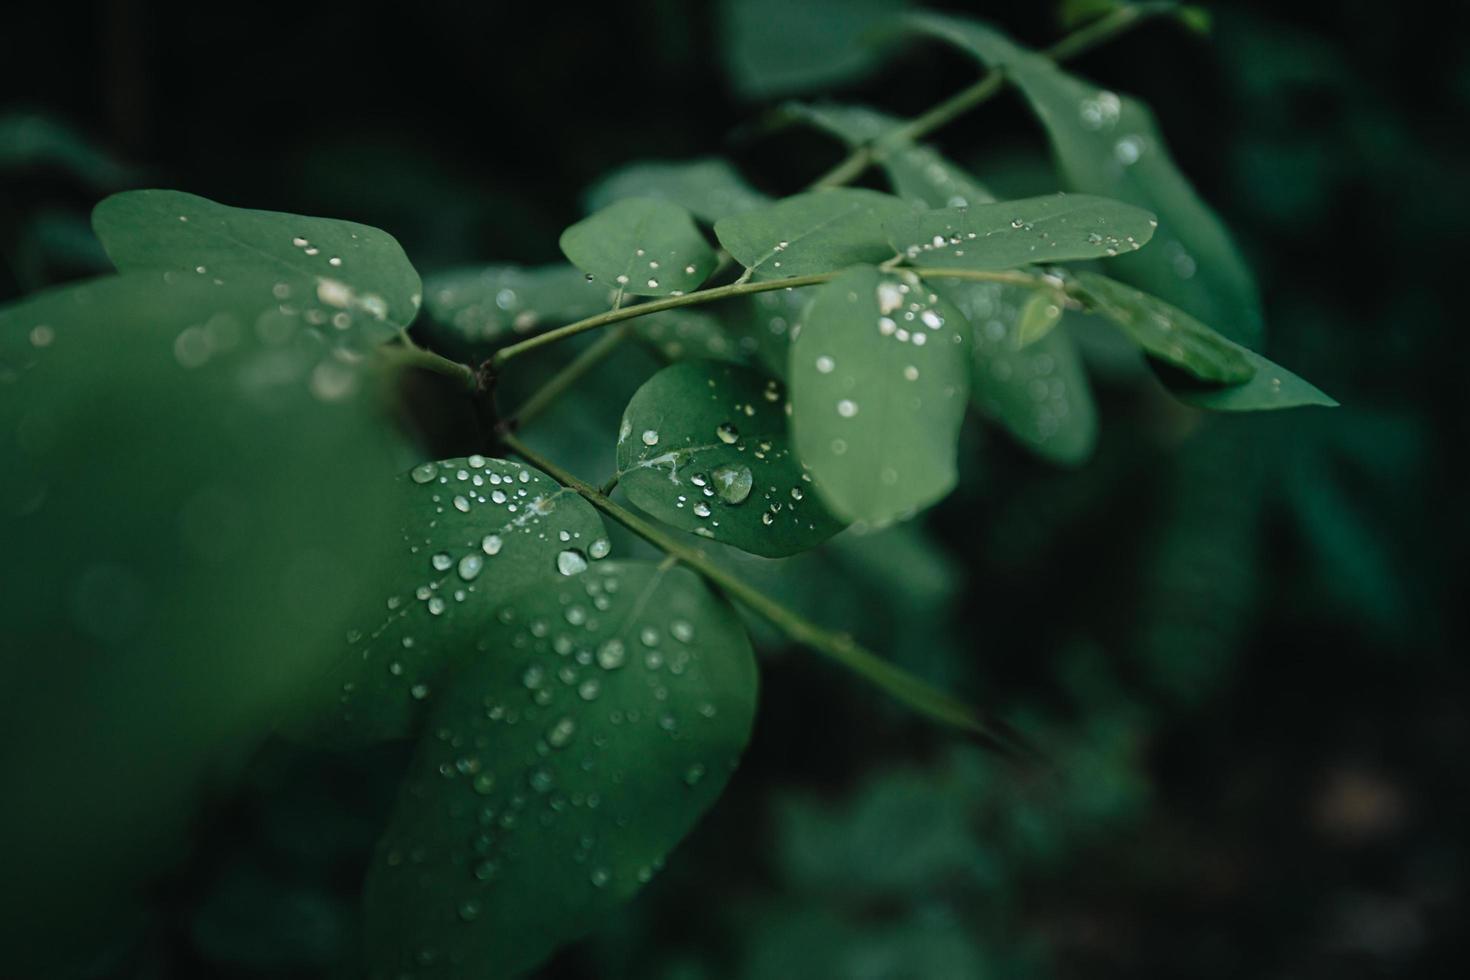 Raindrops on leaves photo